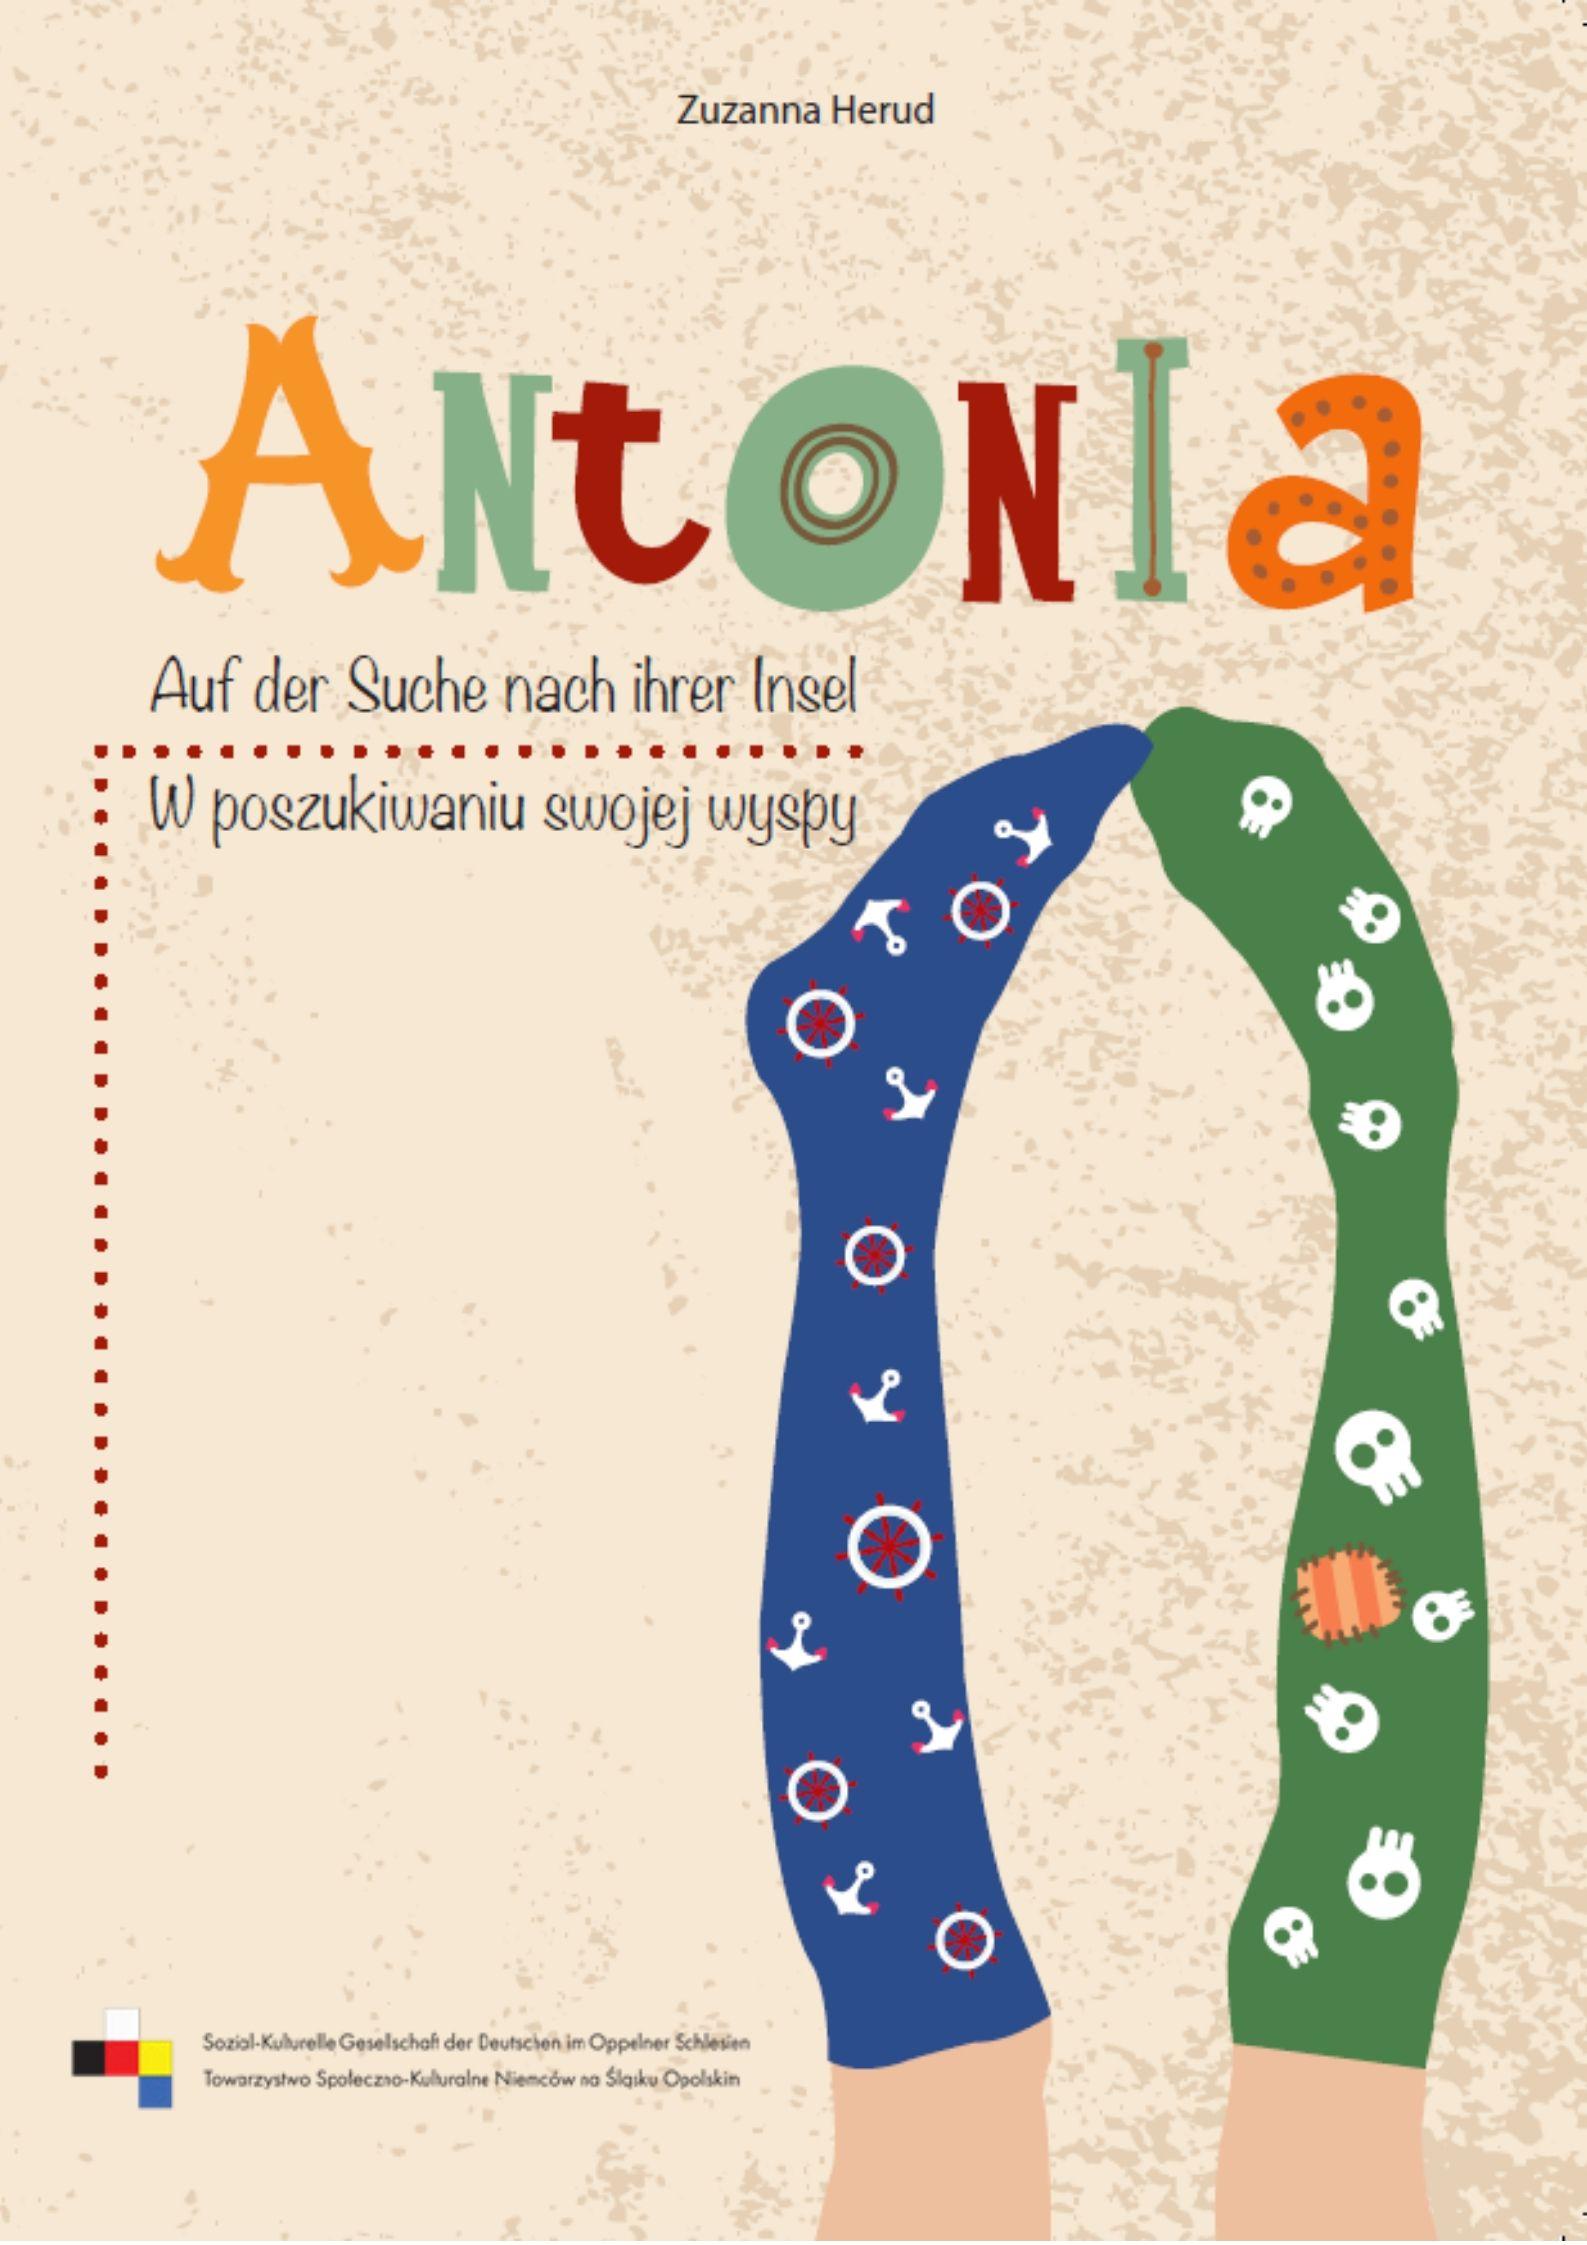 Antonia – W poszukiwaniu swojej wyspy